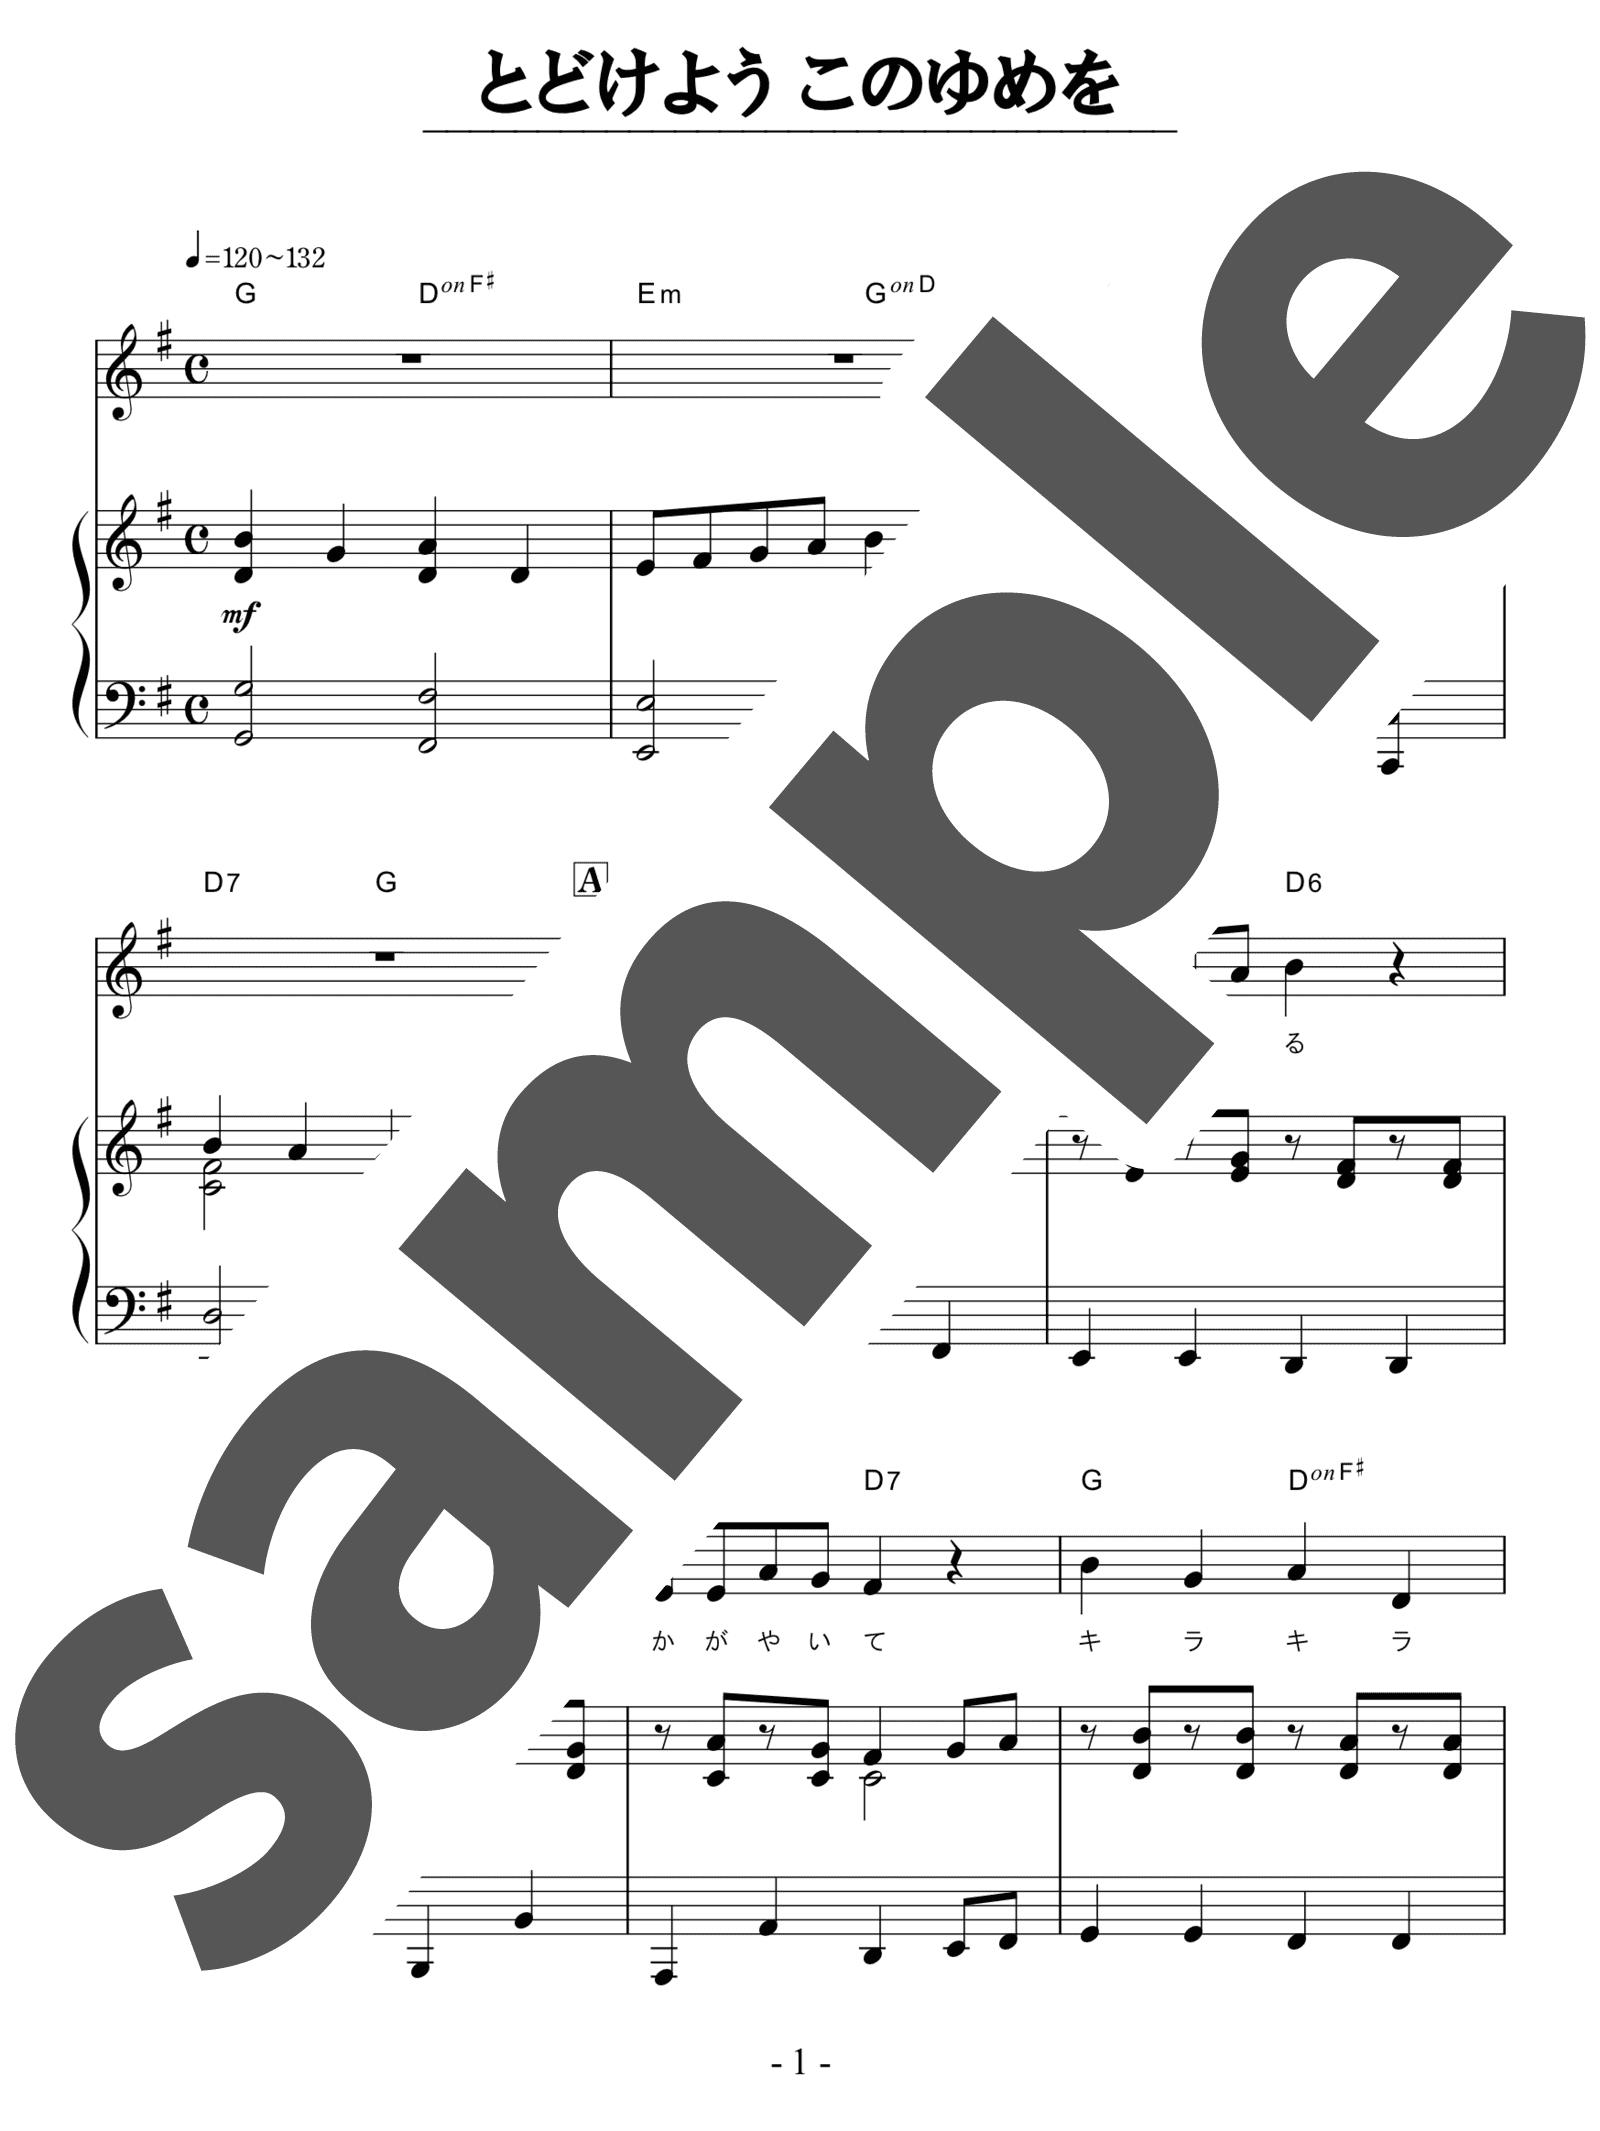 「とどけよう このゆめを」のサンプル楽譜